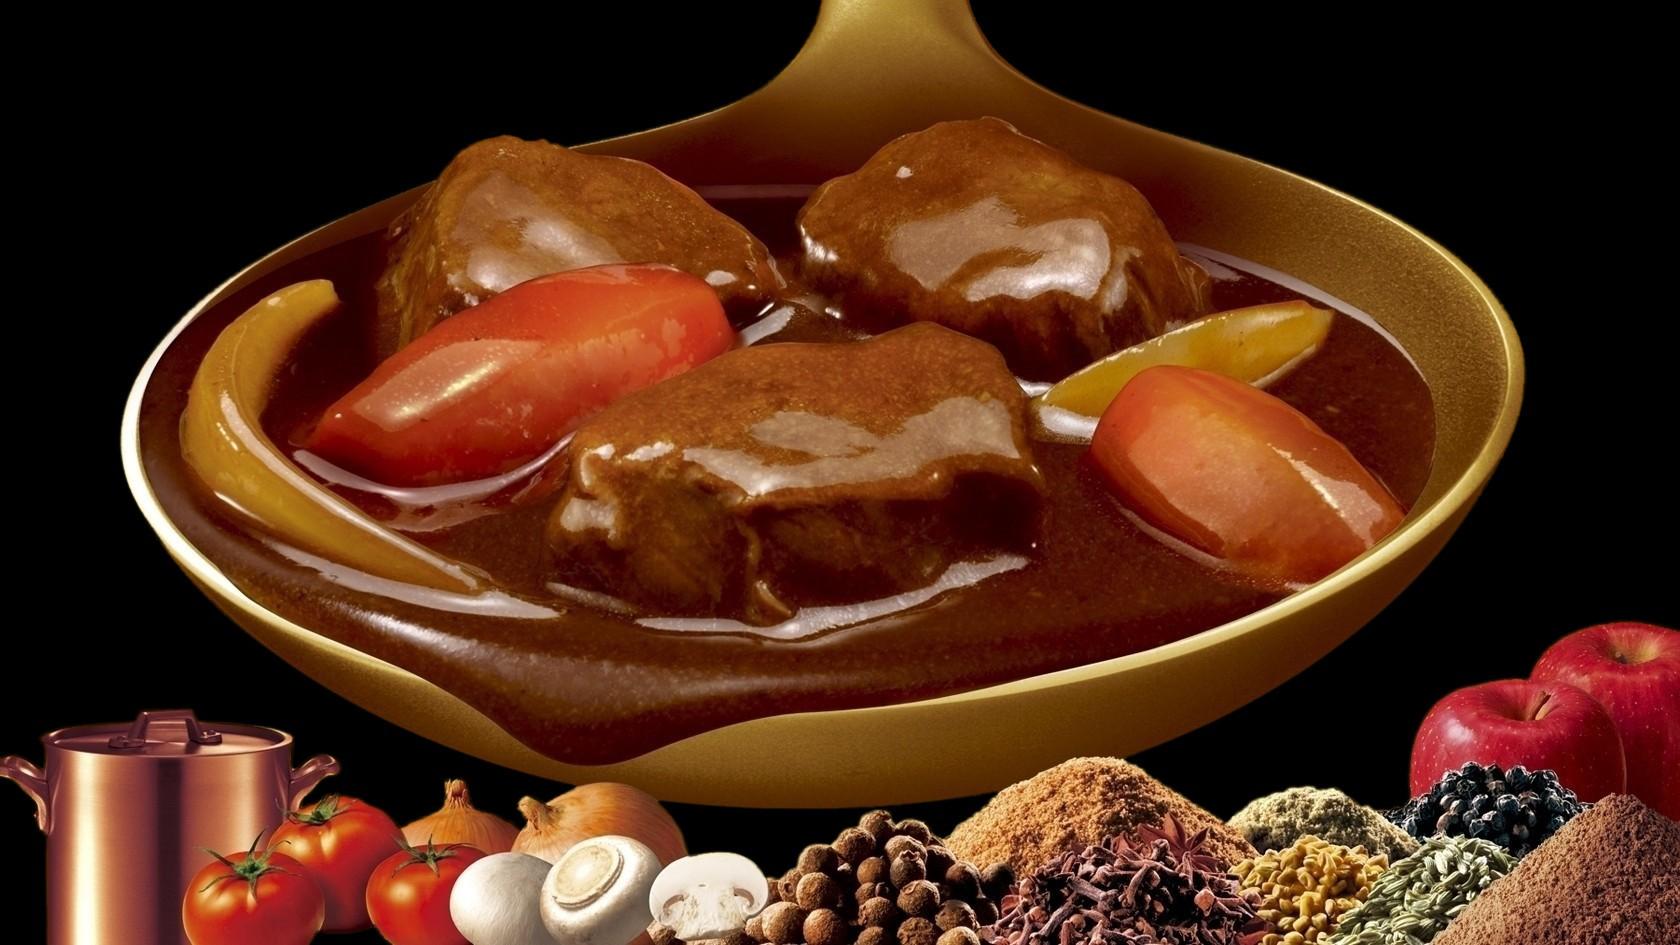 美味しいのはお菓子だけじゃない!グリコのカレー まさにZEPPIN!!のサムネイル画像